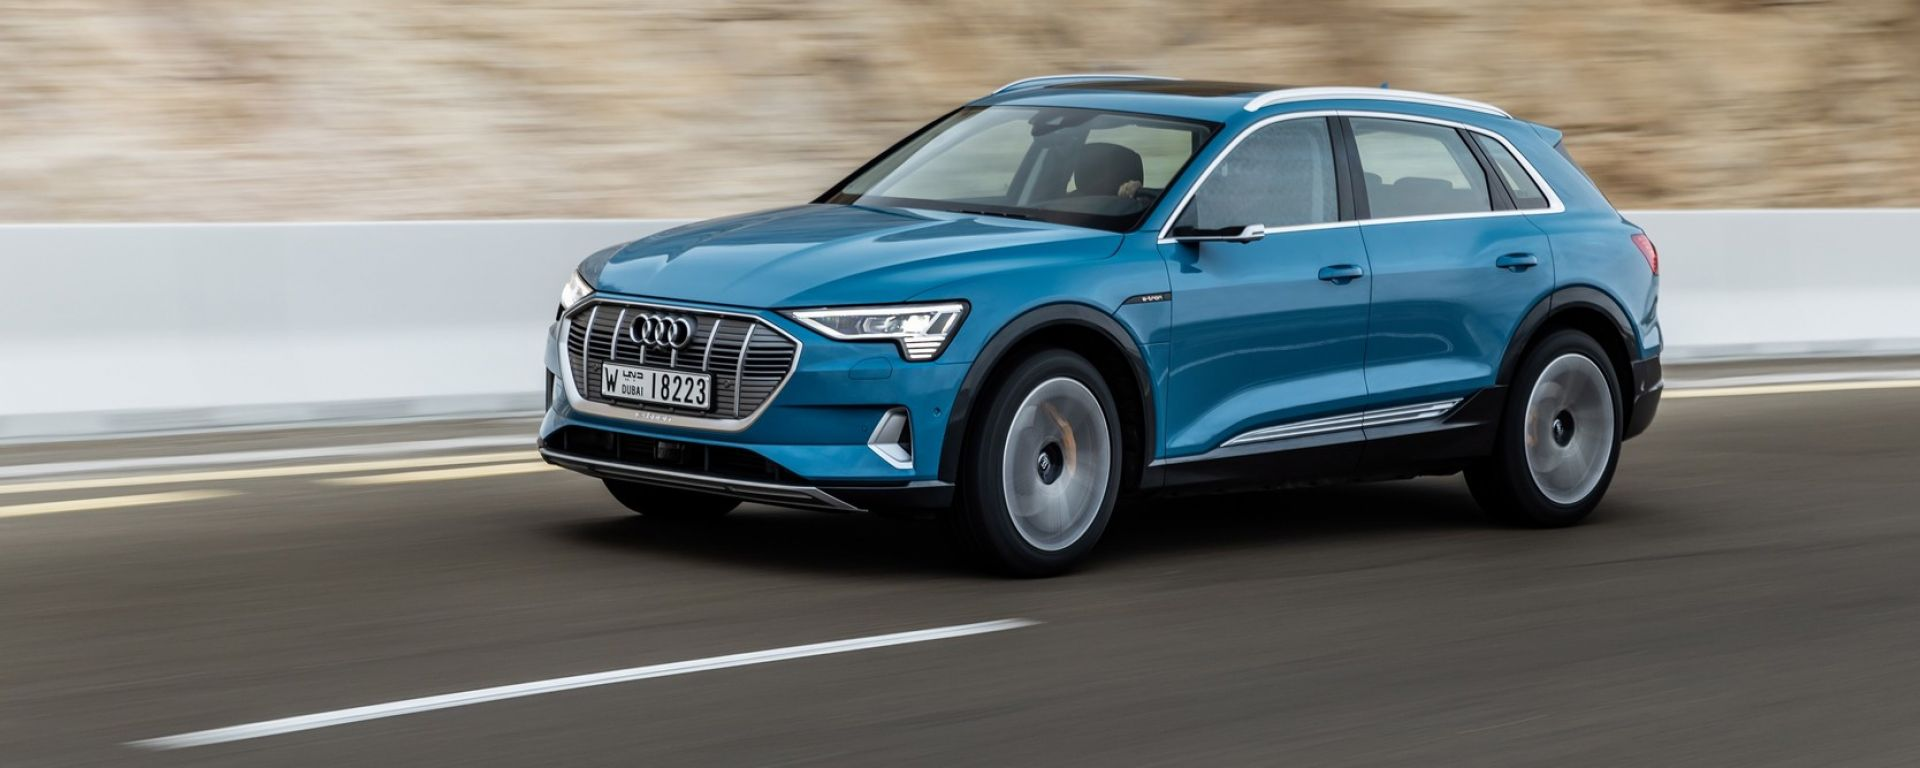 Audi e-tron, da 10 a 14 euro per 100 km: i costi di ricarica